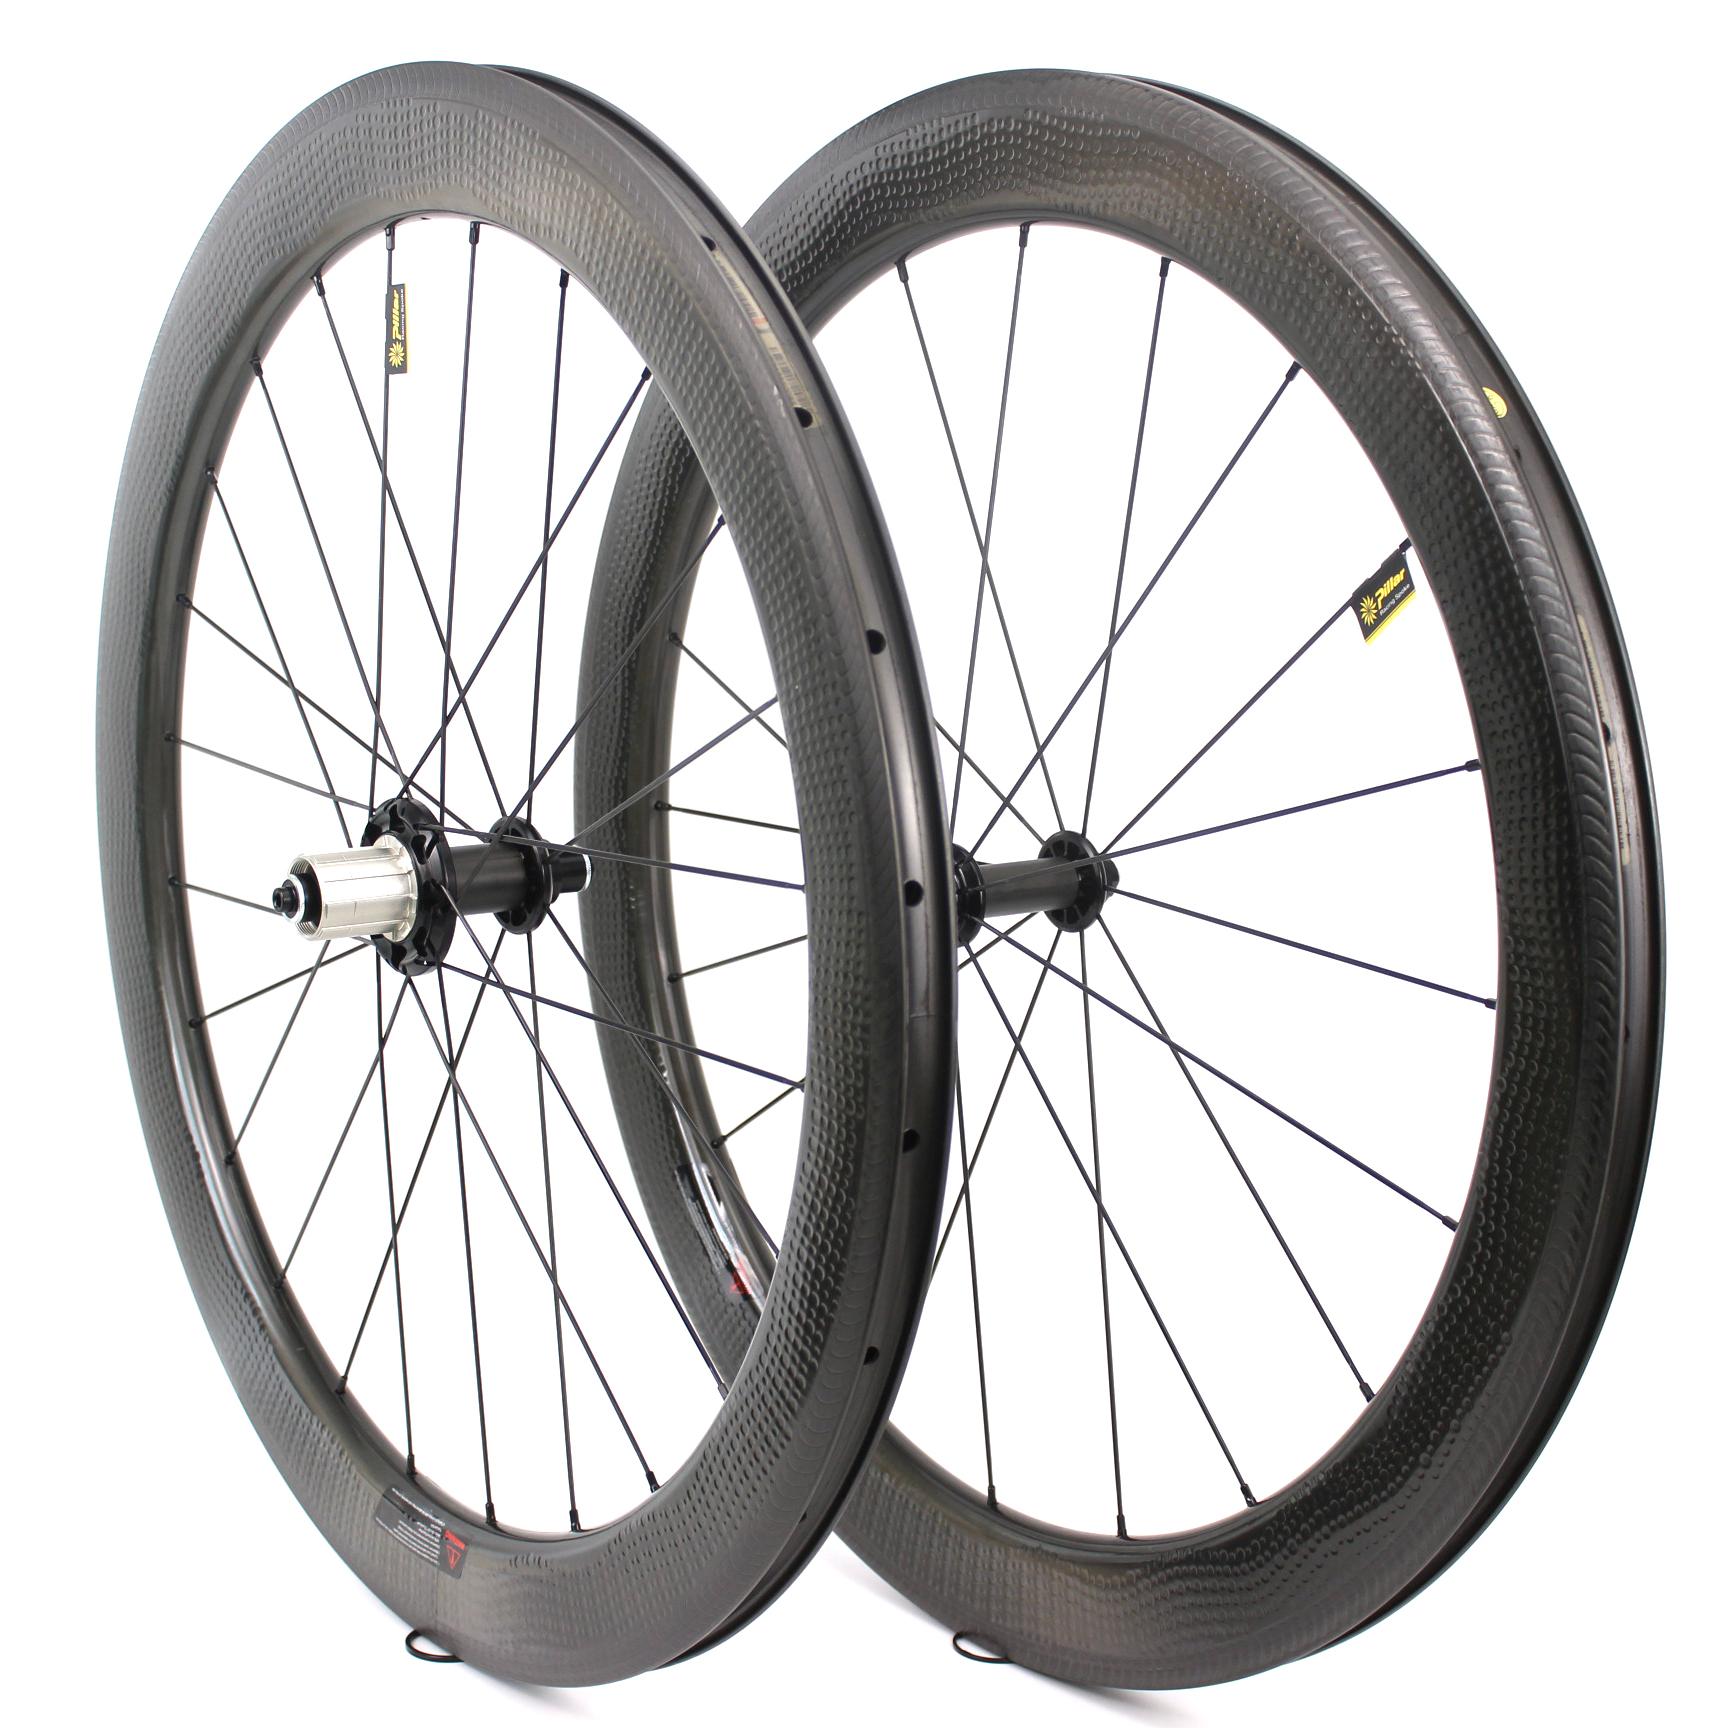 Top sale 58mm depth carbon road bike wheelsets 700c dimple surface carbon wheels